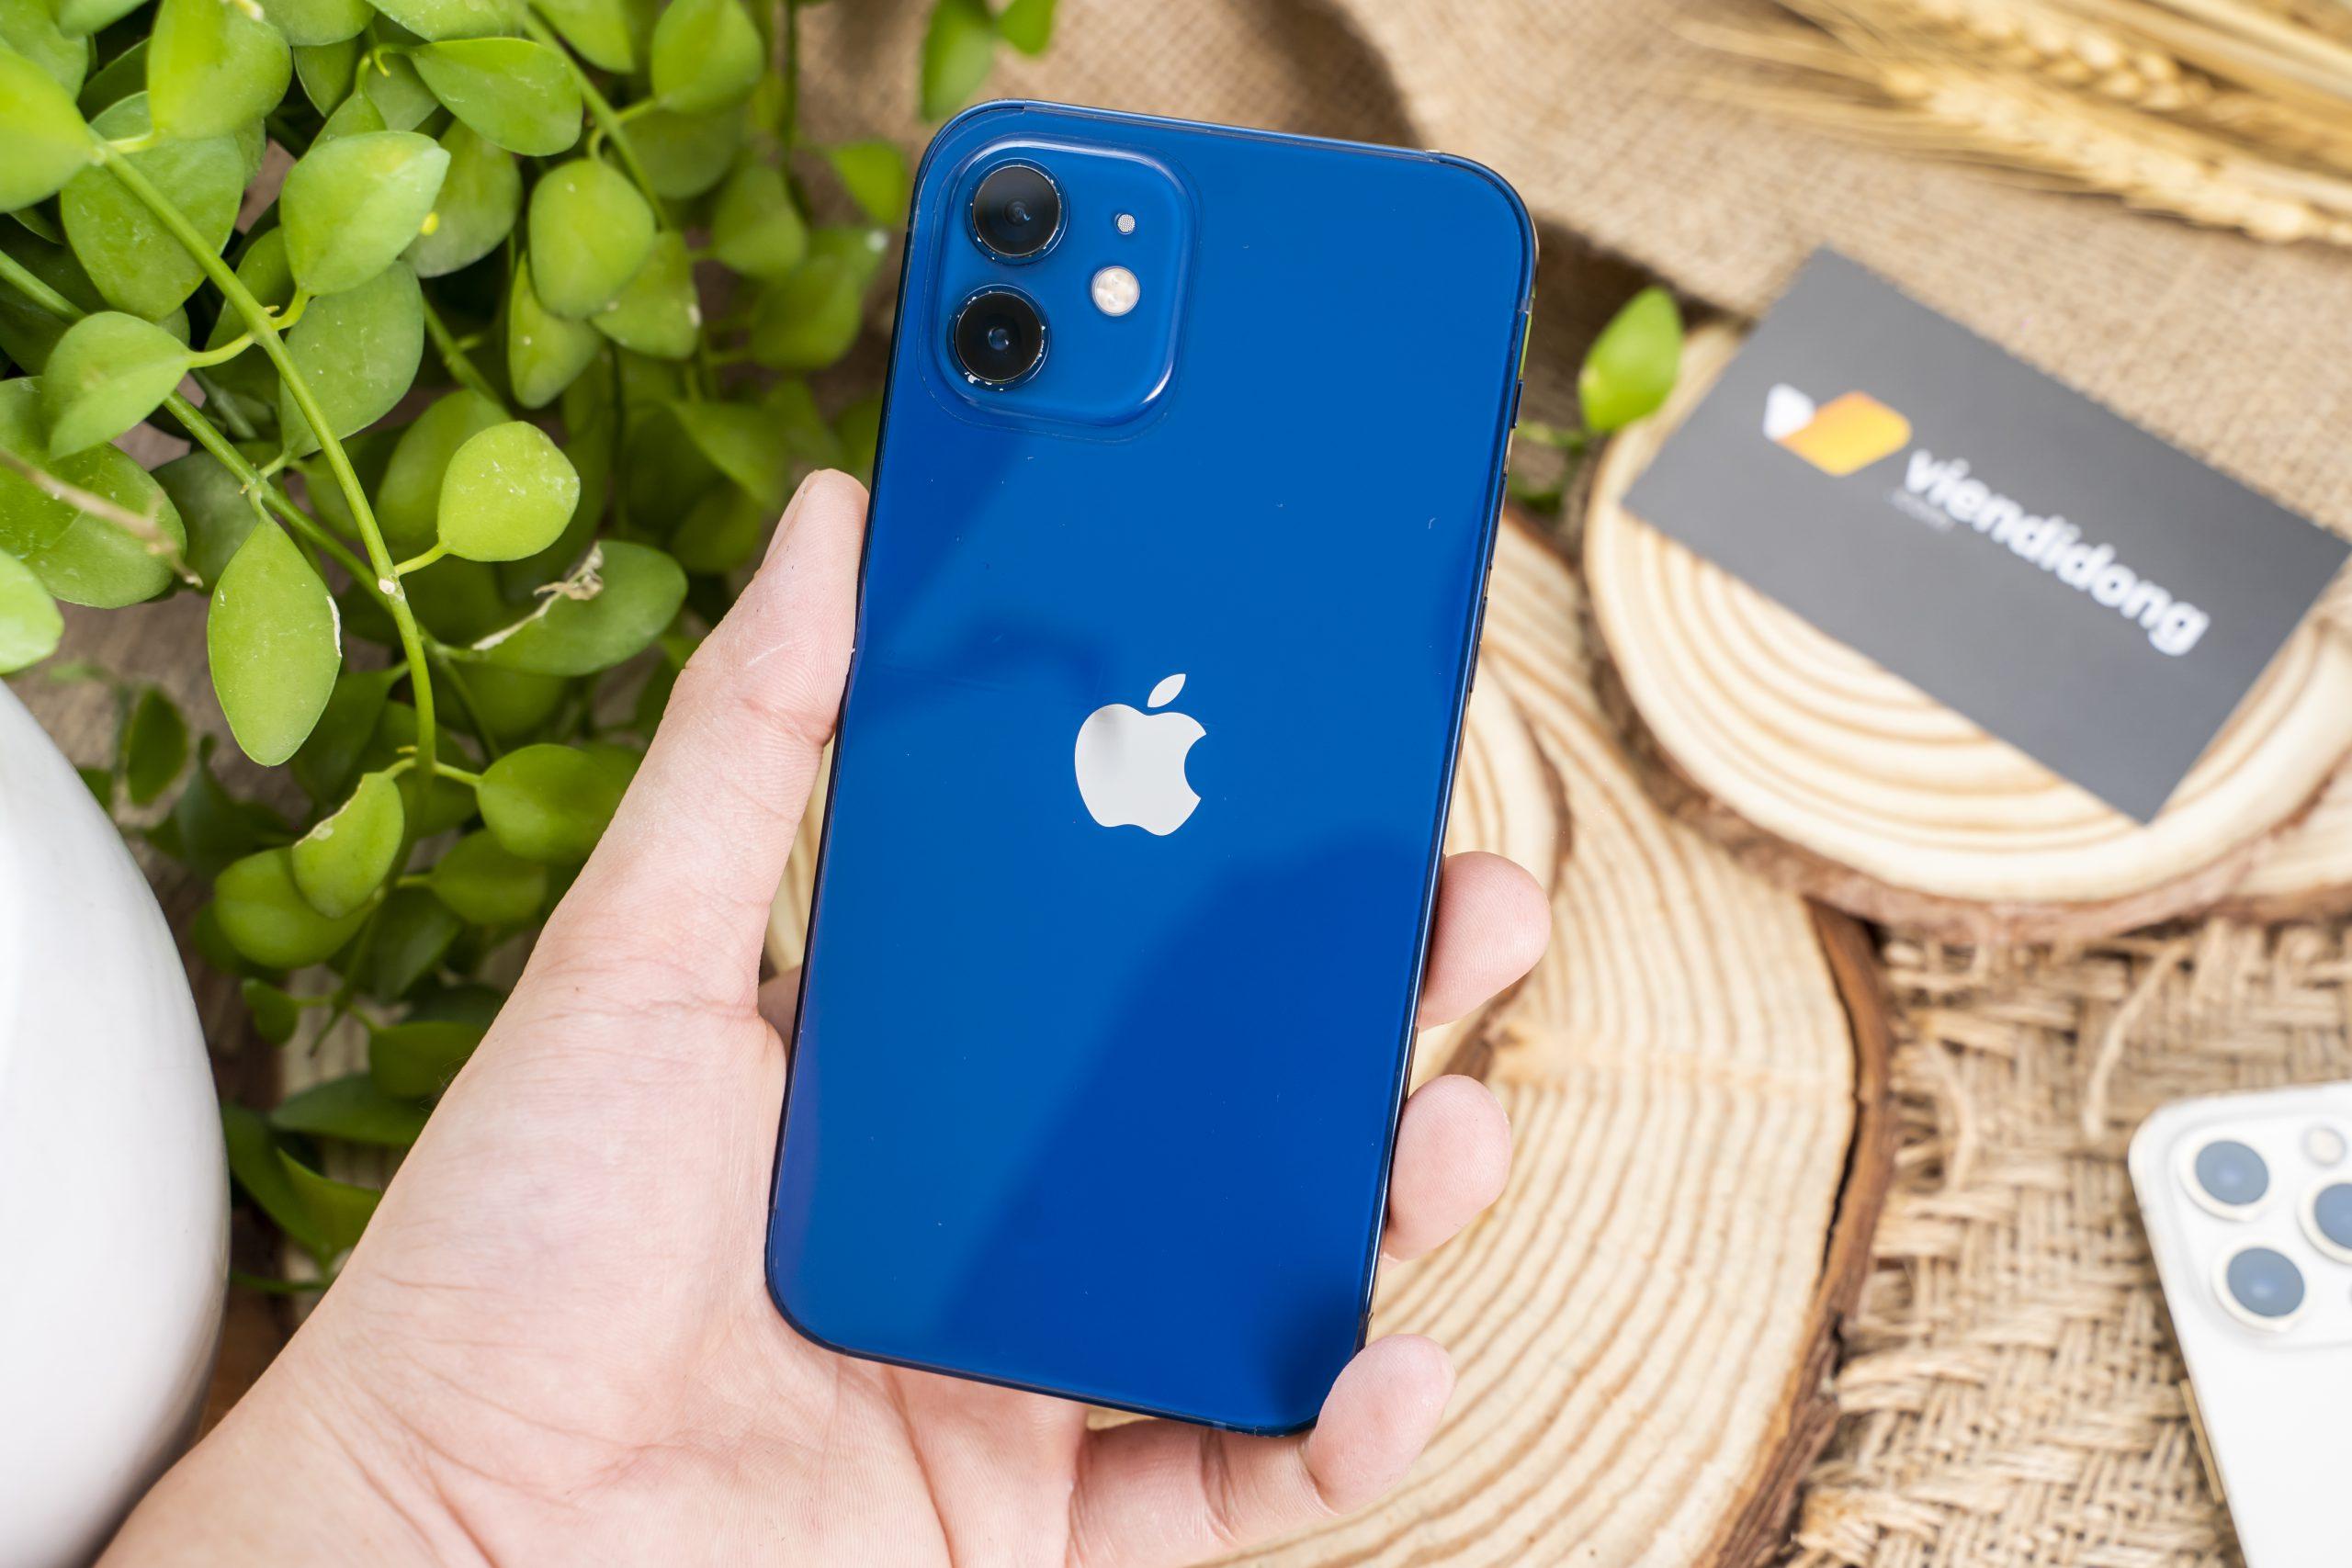 Phone 12 128GB chính hãng được cung cấp sức mạnh bởi con chip A14 Bionic